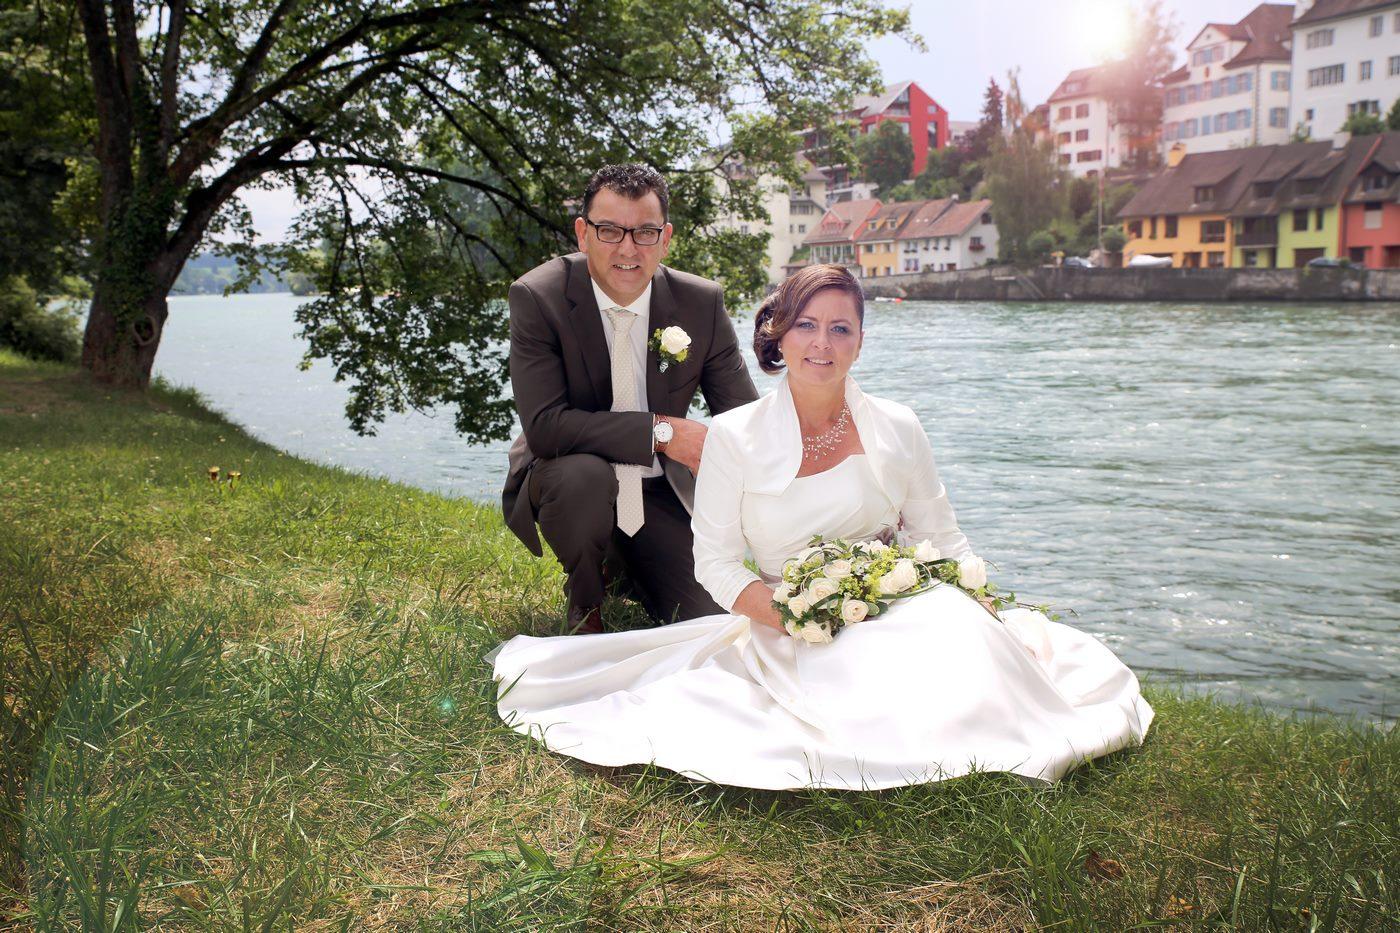 Brautpaar im Gras Hochzeitsshooting in Diessenhofen am Rhein Schweiz